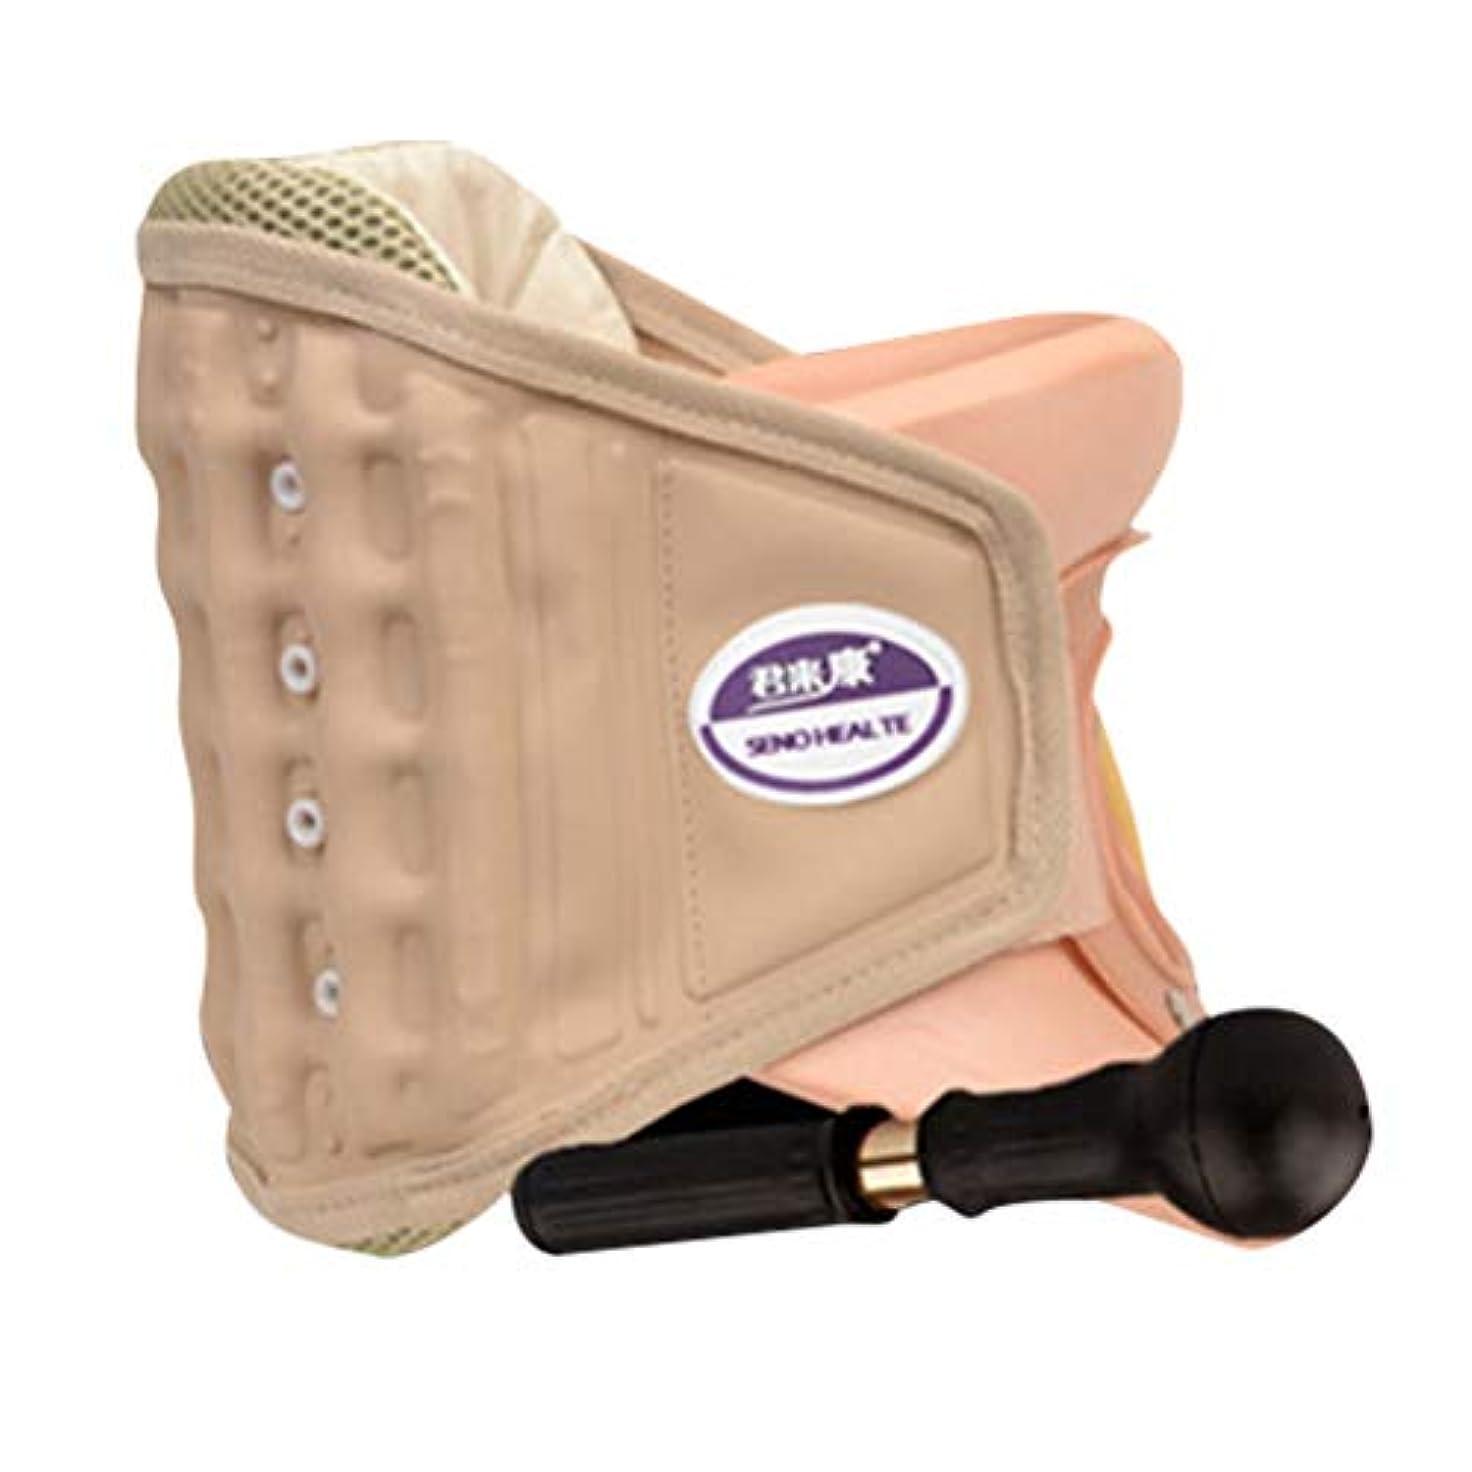 勇気岩批評SUPVOX 頸部首牽引襟デバイス装具椎骨サポートベルト付きポンプポータブルネックマッサージャー